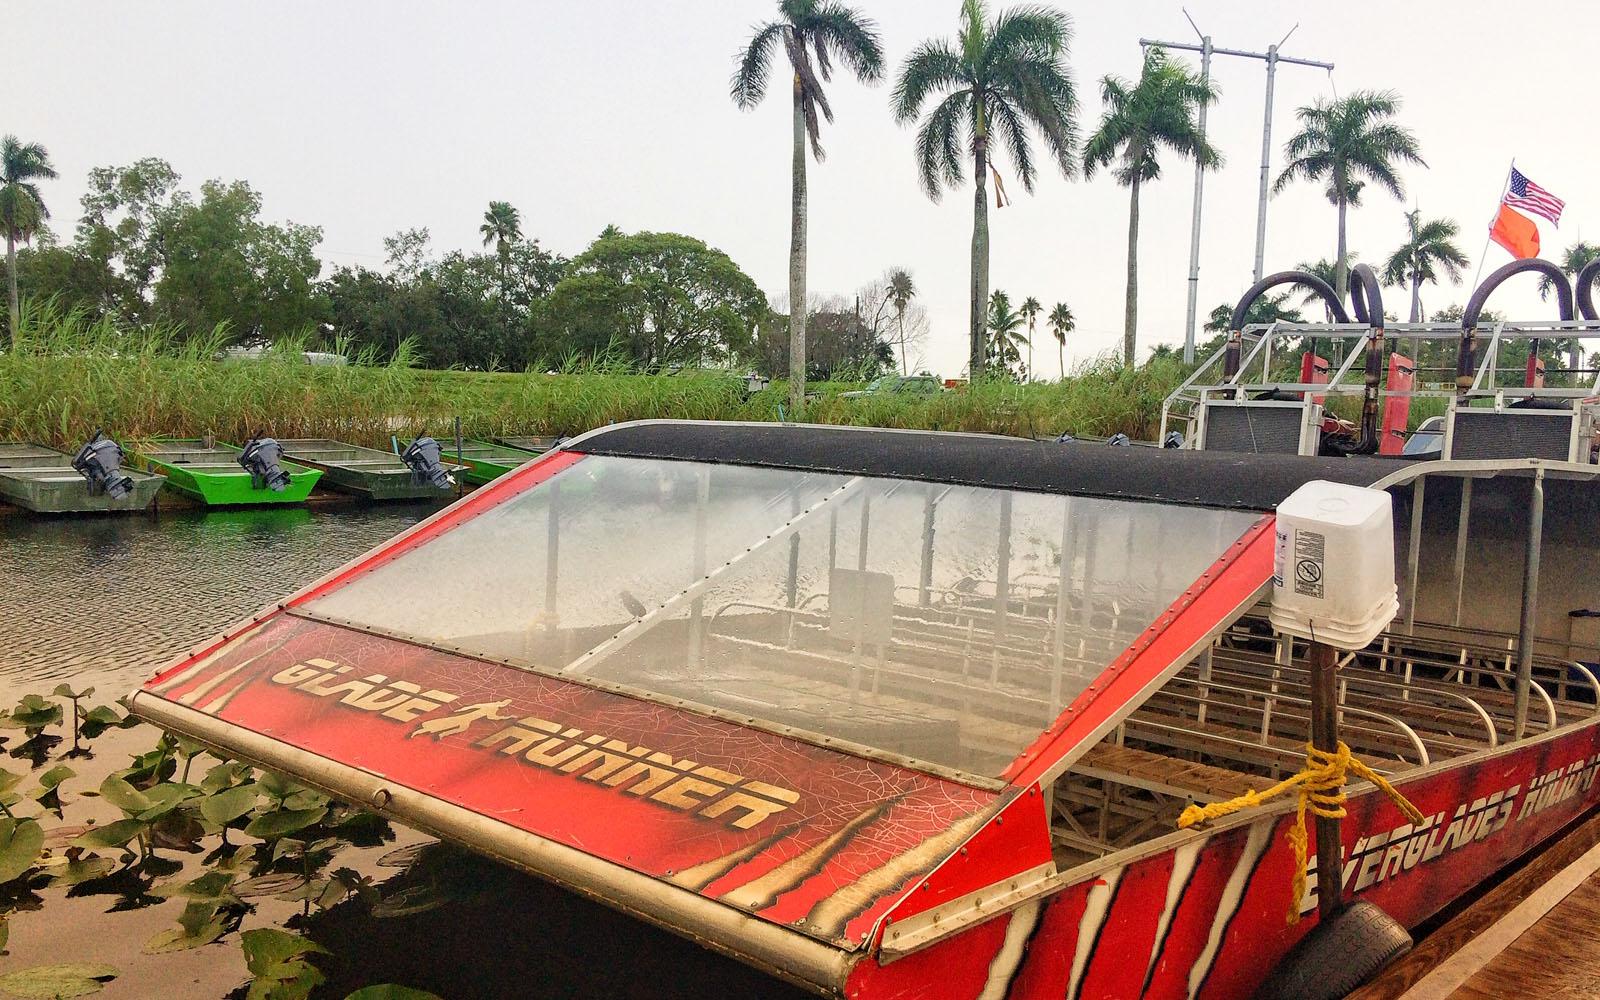 L'airboat a bordo del quale ho scoperto le Everglades.